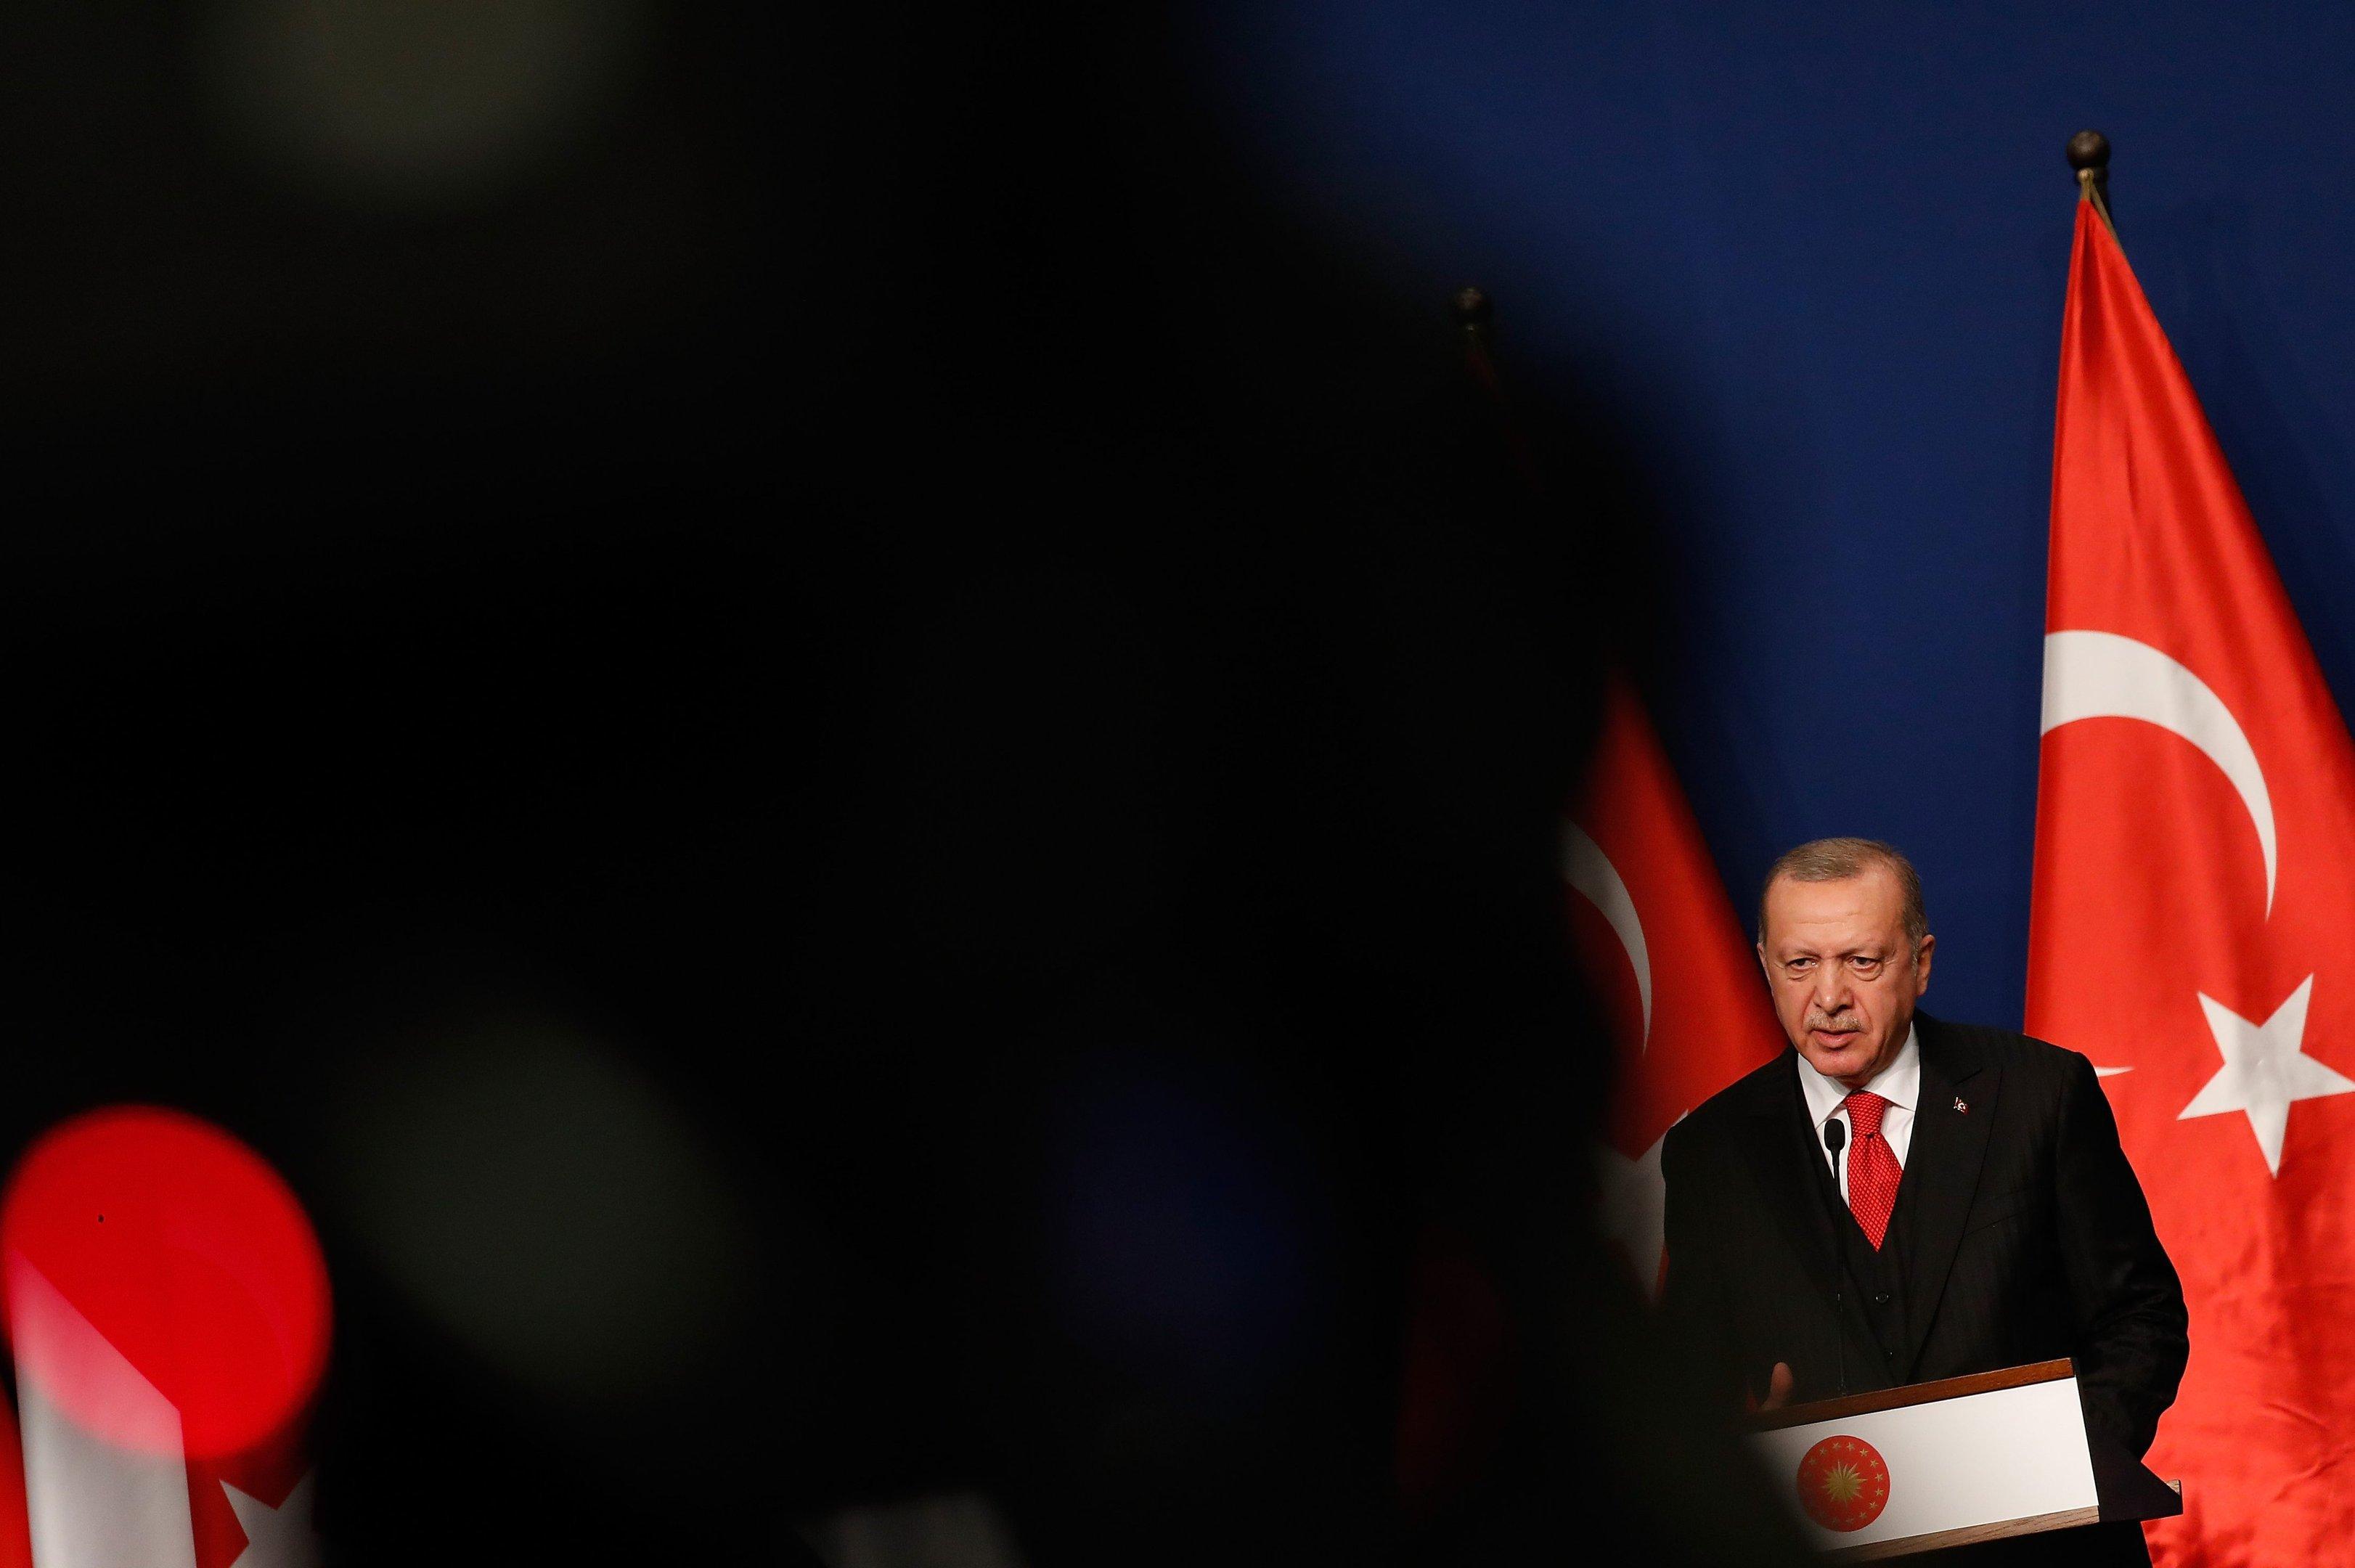 Presidente da Turquia, Tayyip Erdogan. Novembro de 2019. Foto: Laszlo Balogh/Getty Images